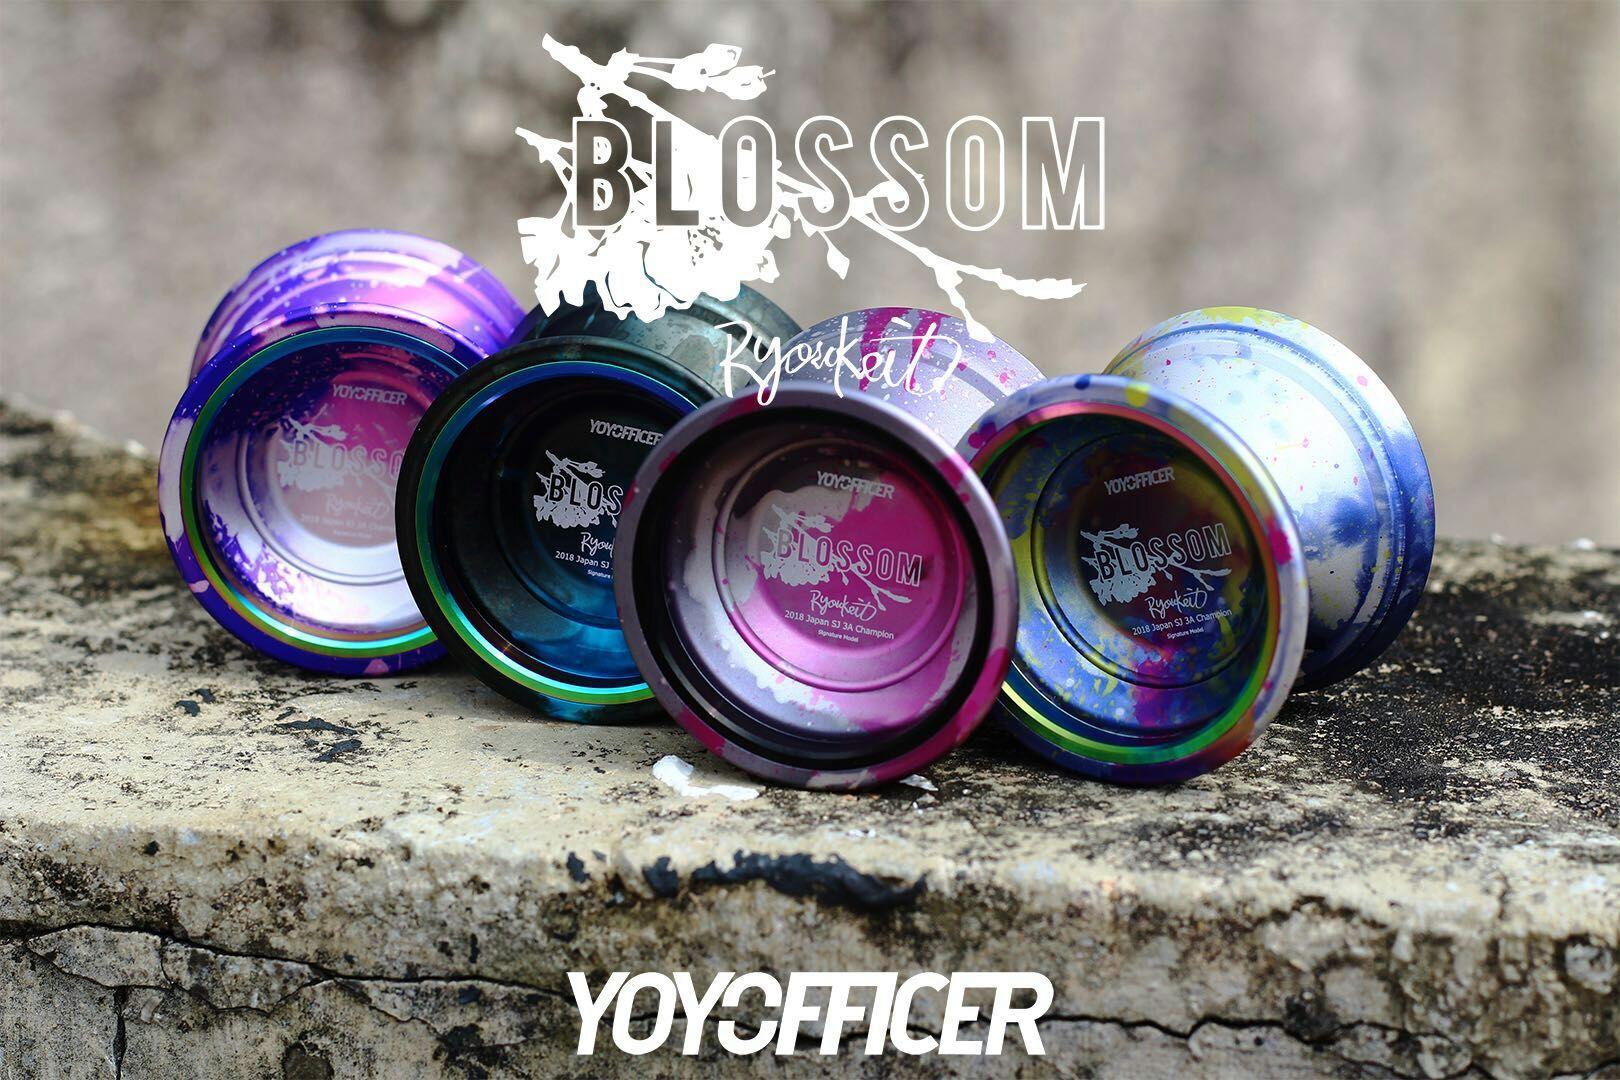 Yoyofficer Blossom - Ryosuke Ito